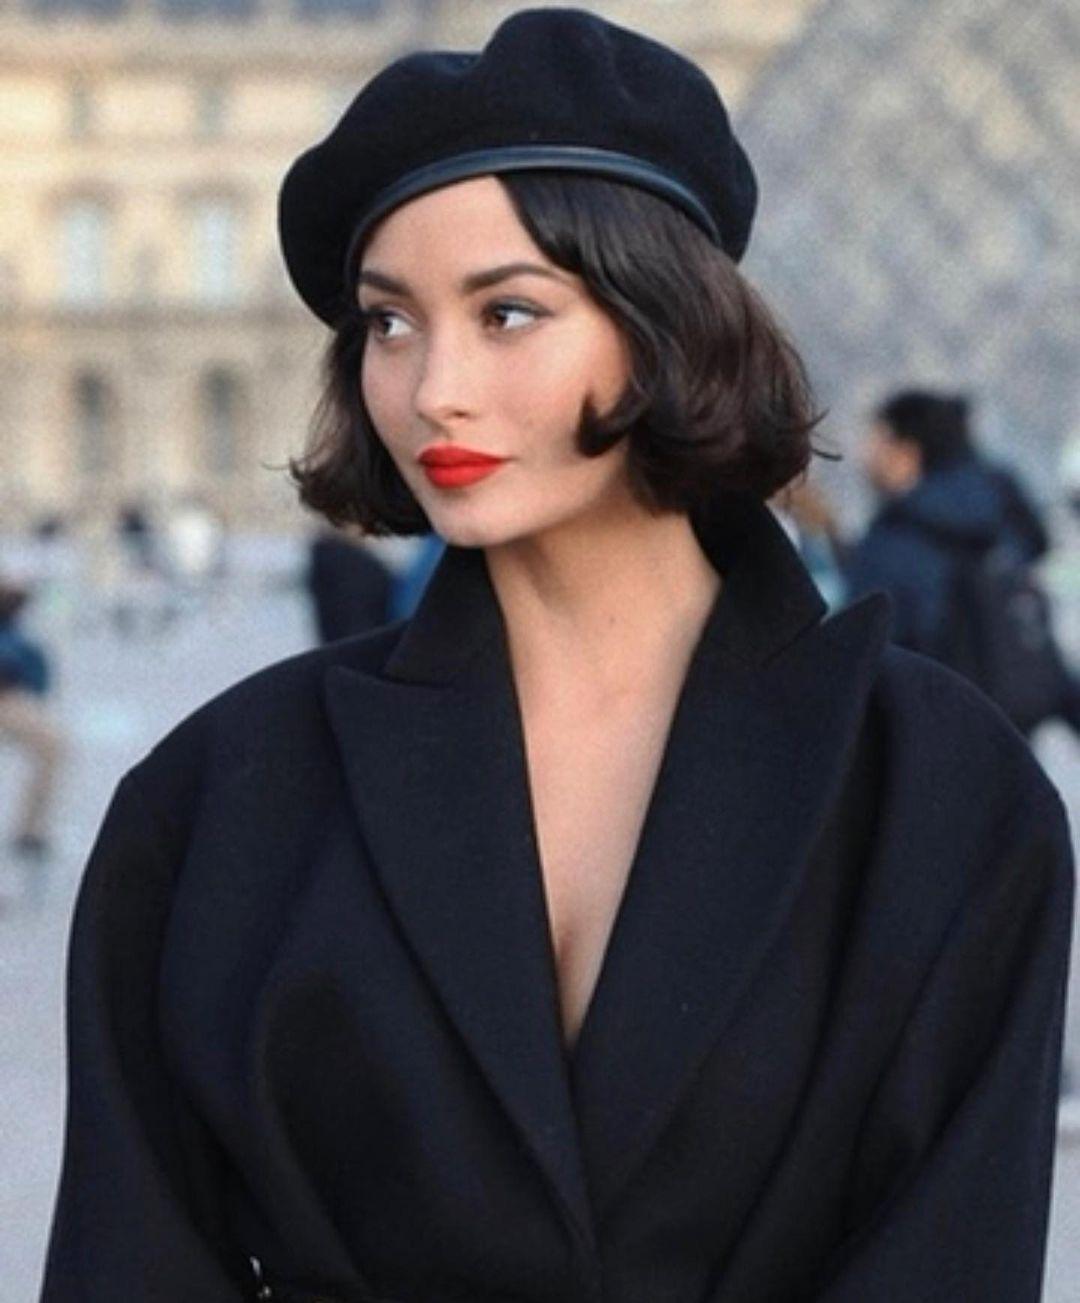 8 kiểu tóc gái Pháp luôn yêu cầu cắt khi ghé salon: Đơn giản mà cực sang chảnh, học theo thì thần thái lên hương - Ảnh 12